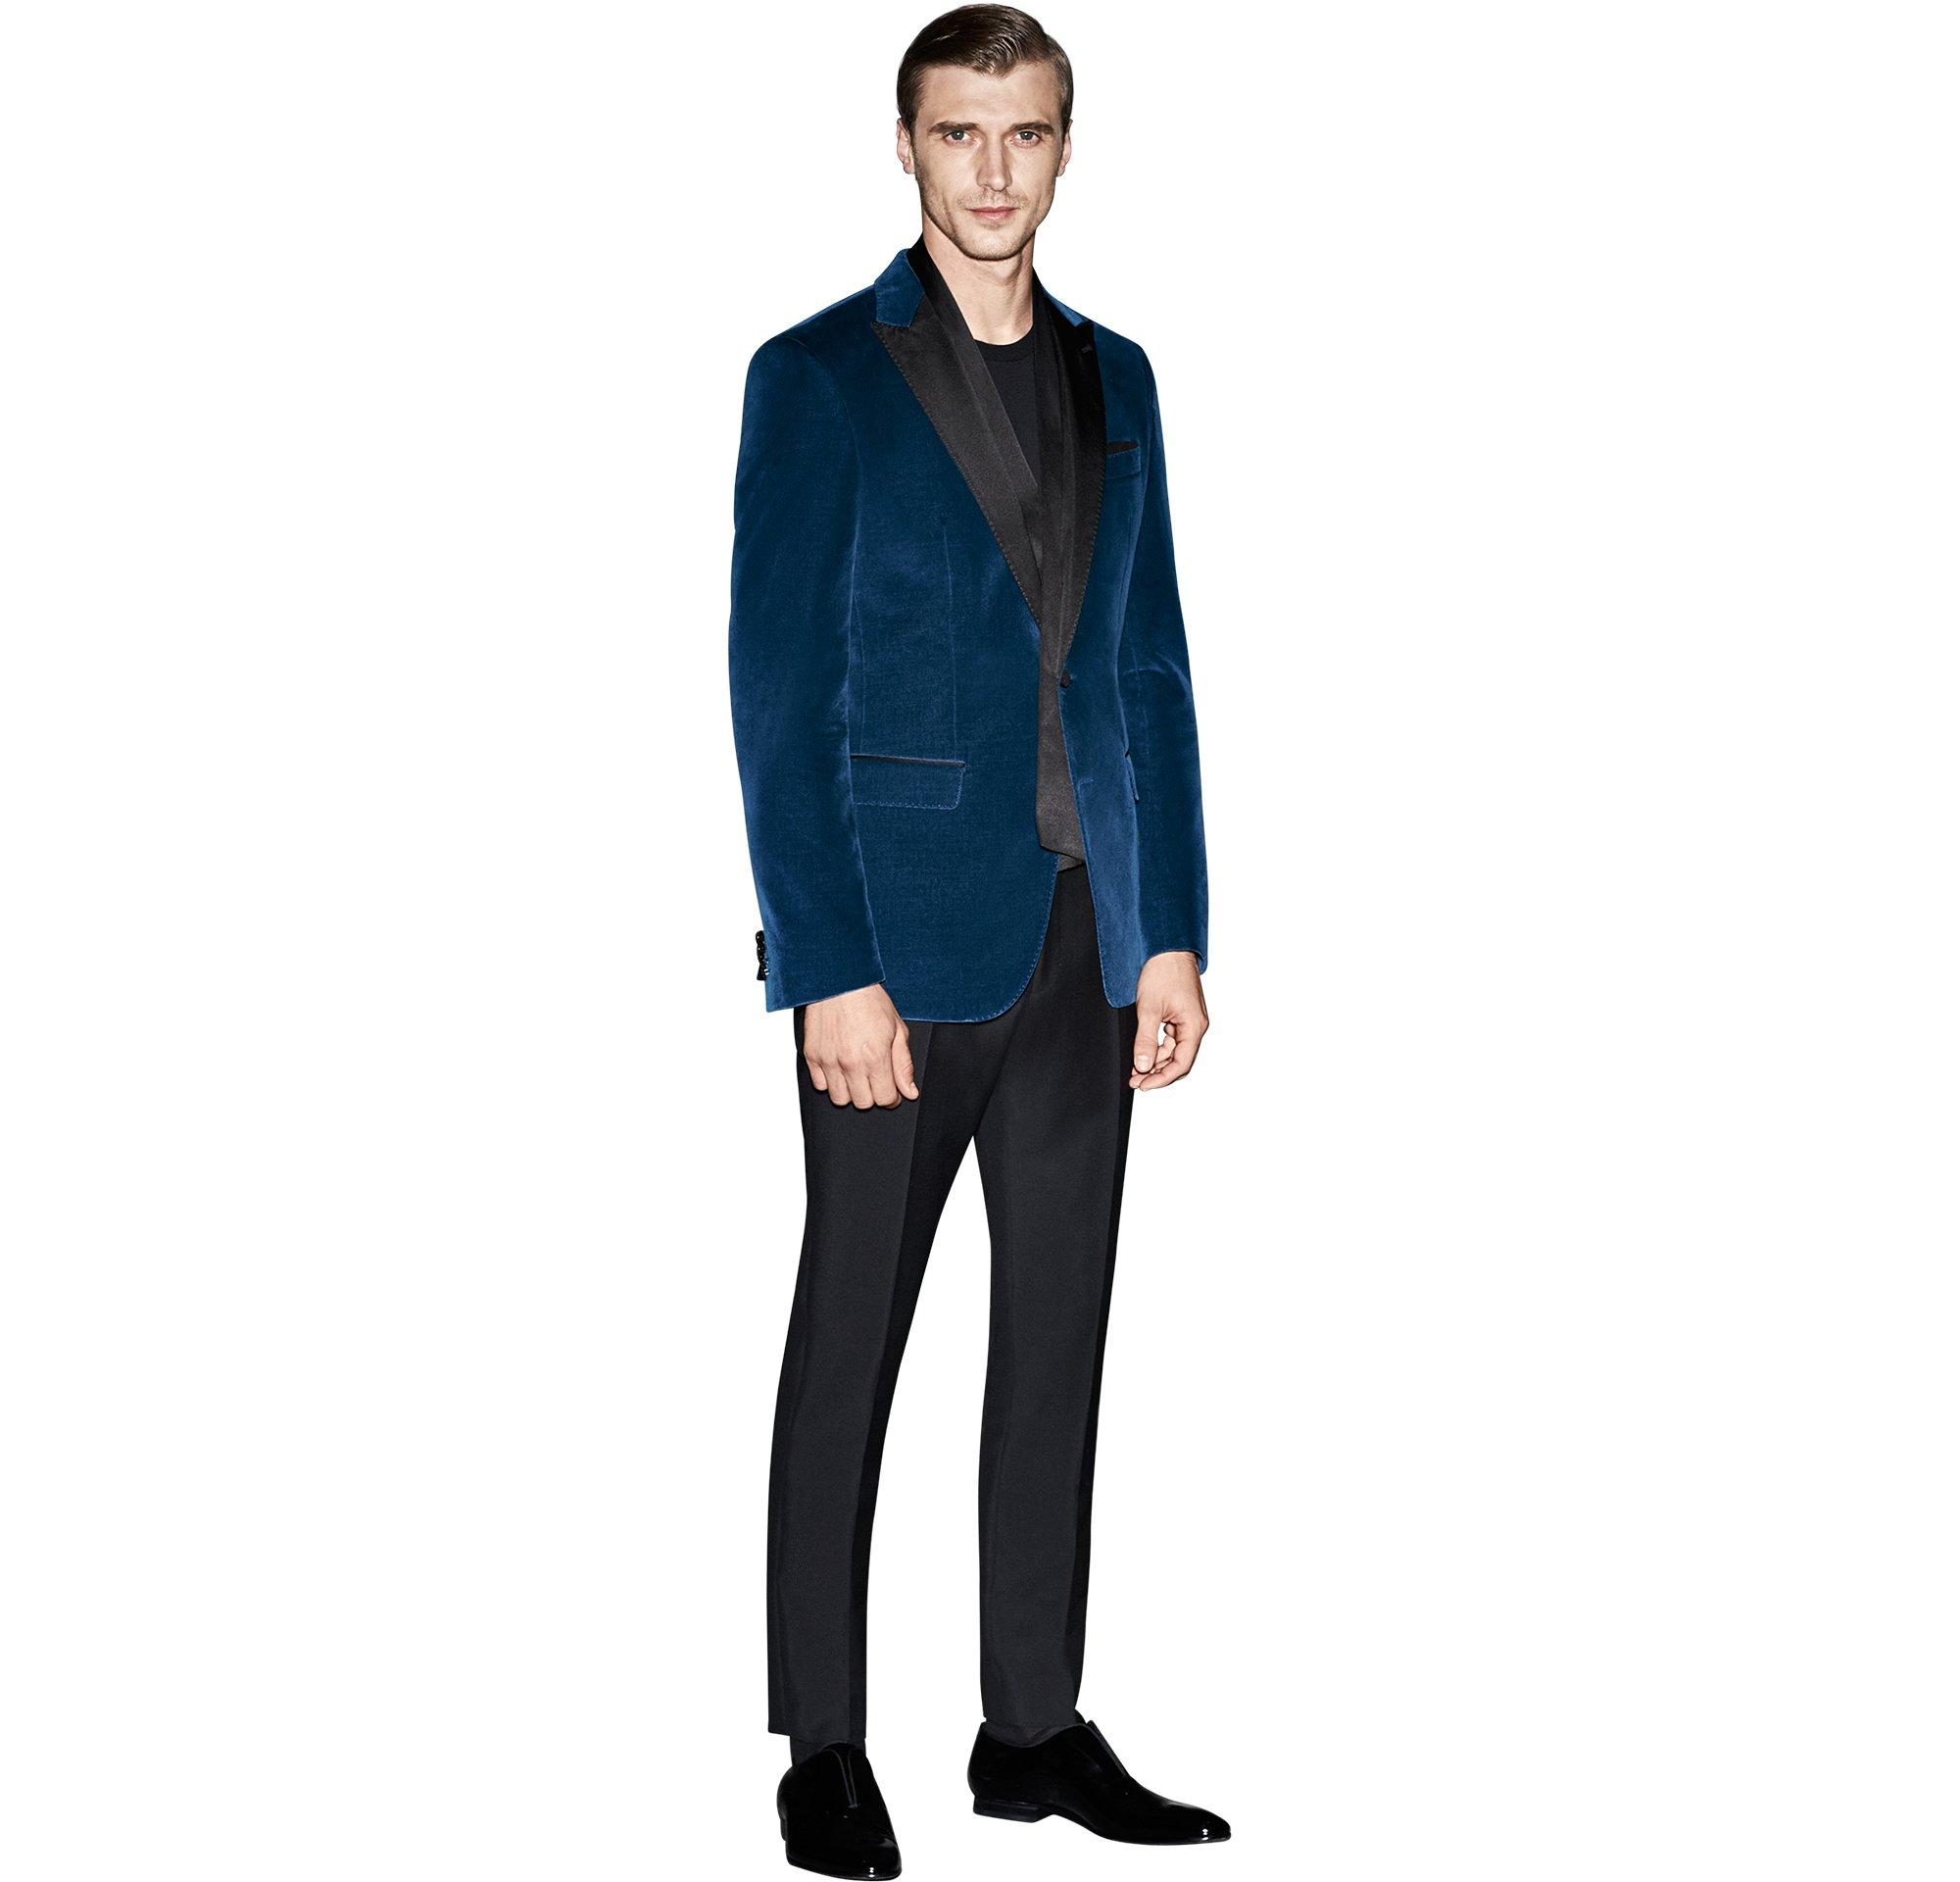 Blaues Sakko über schwarzem Strickoberteil, schwarze Hose, schwarzes Halstuch und schwarze Schuhe von BOSS